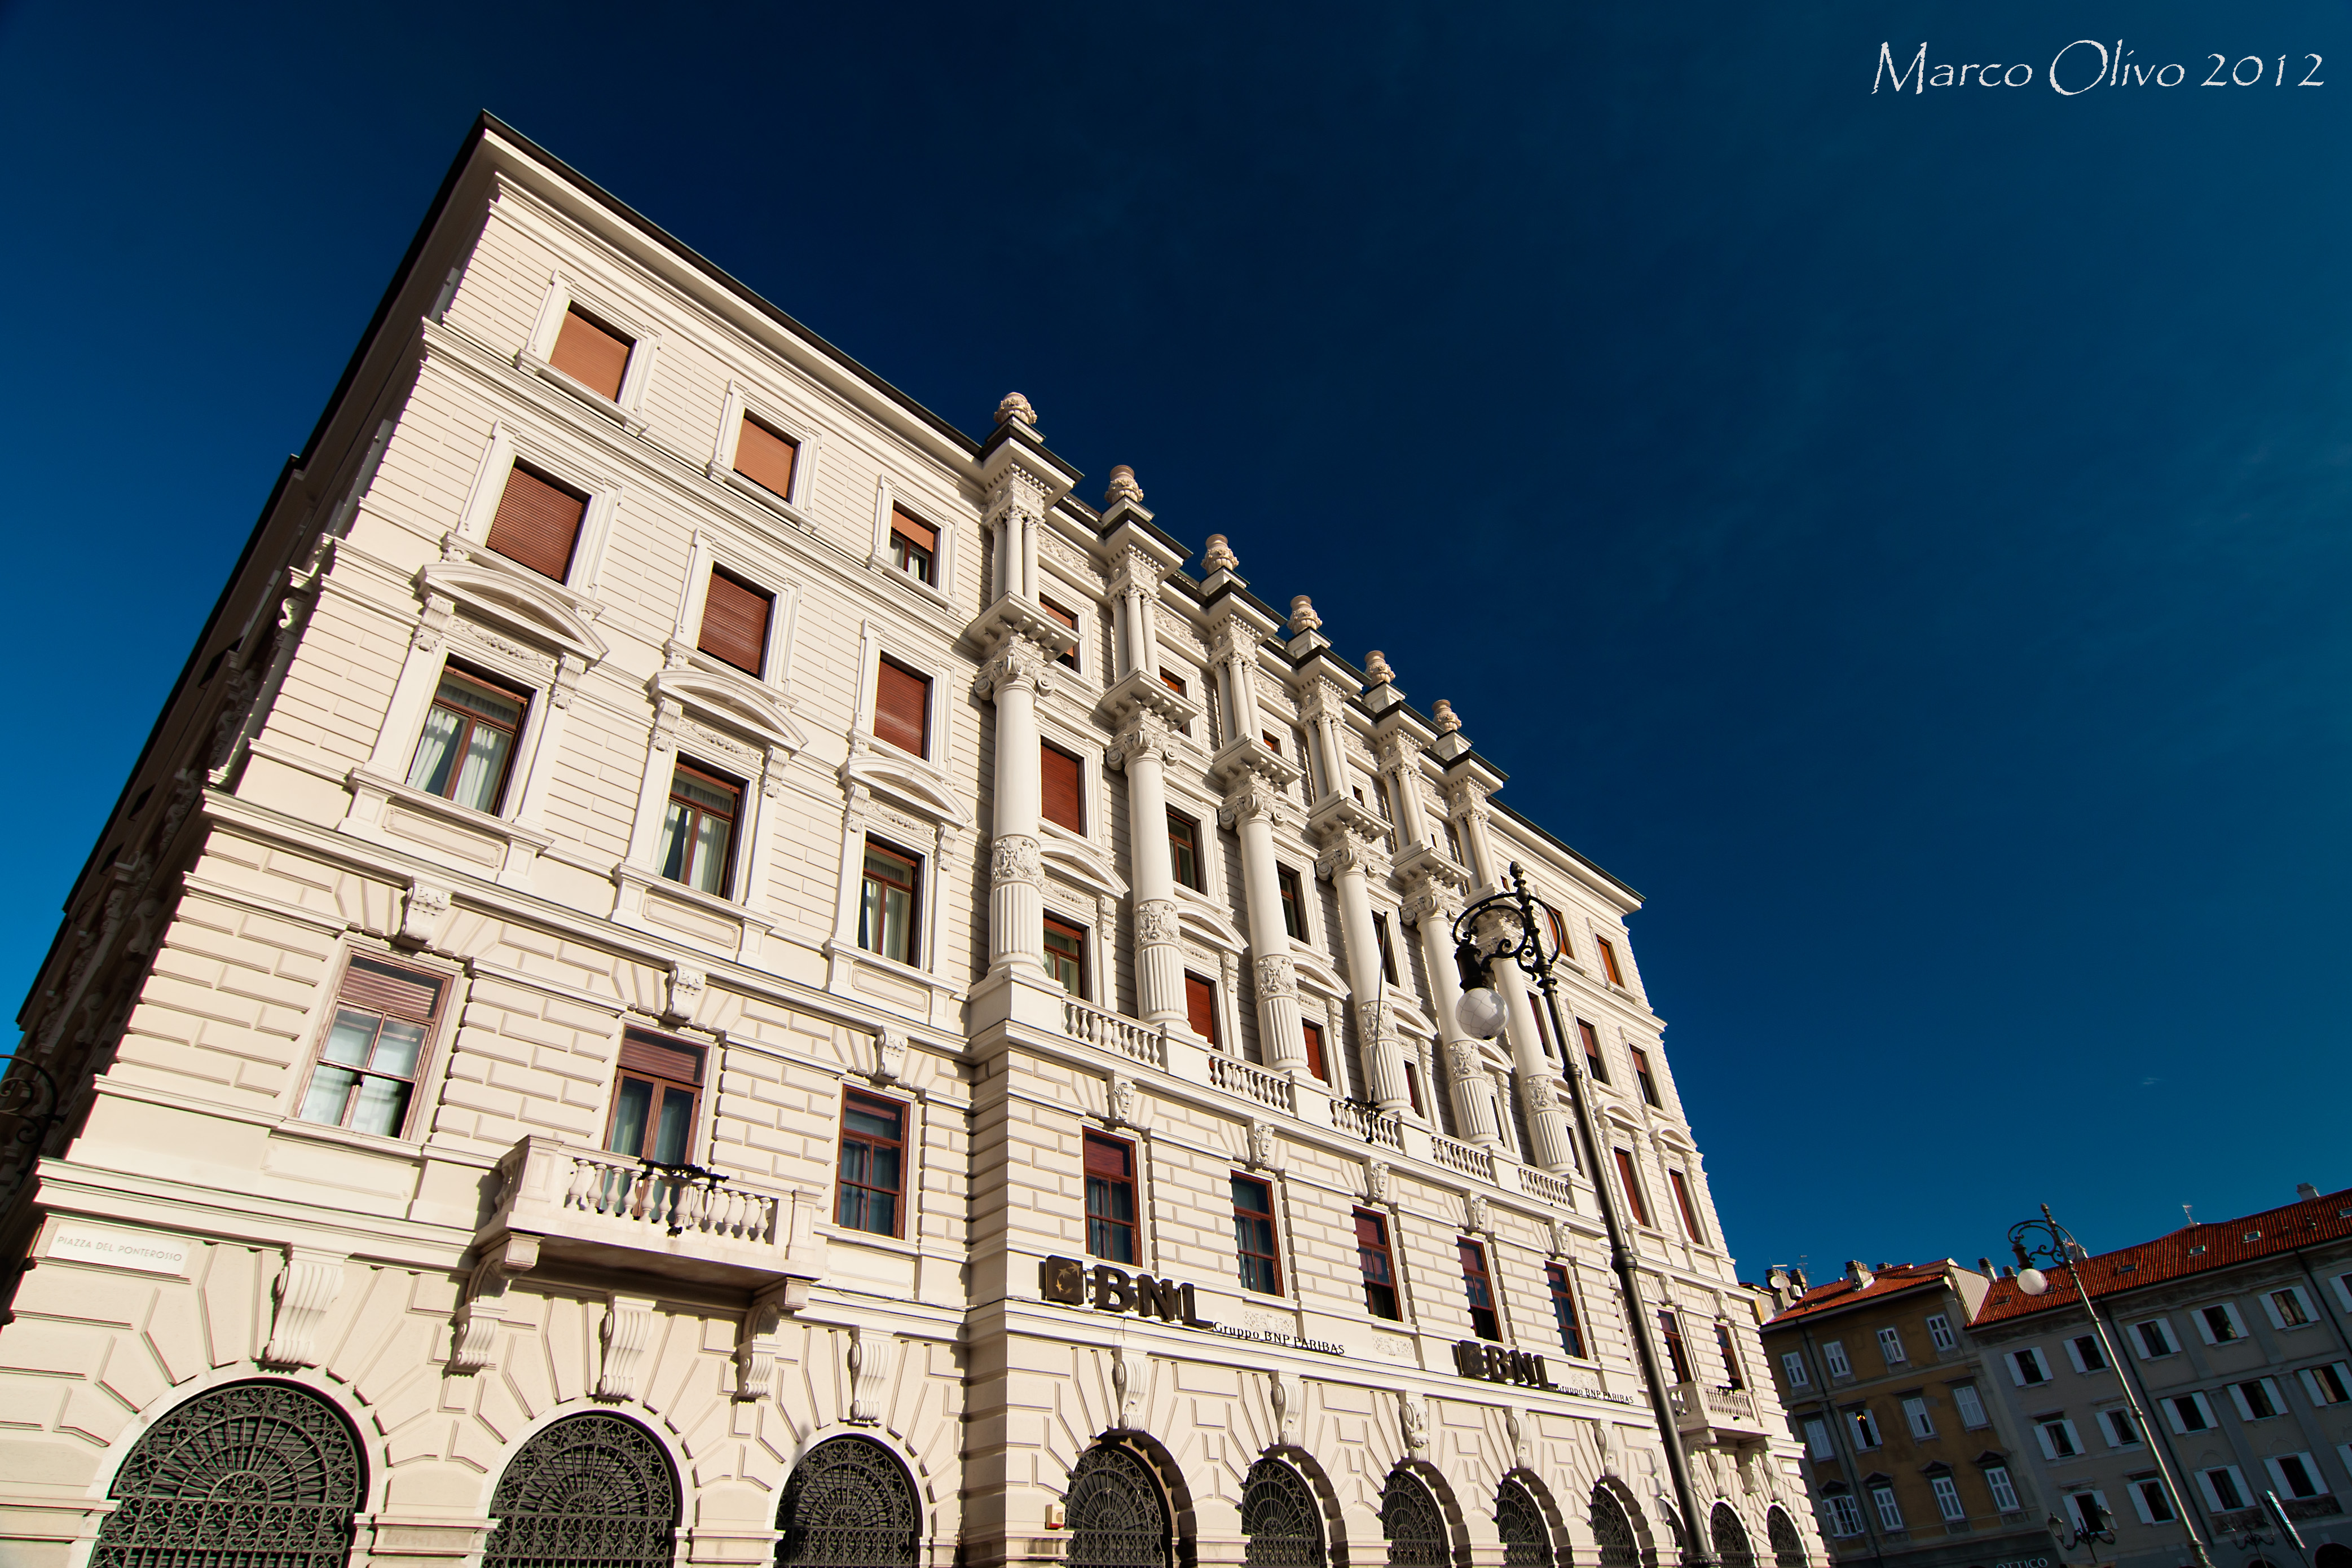 https://photopivo.files.wordpress.com/2012/09/palazzo-genel.jpg